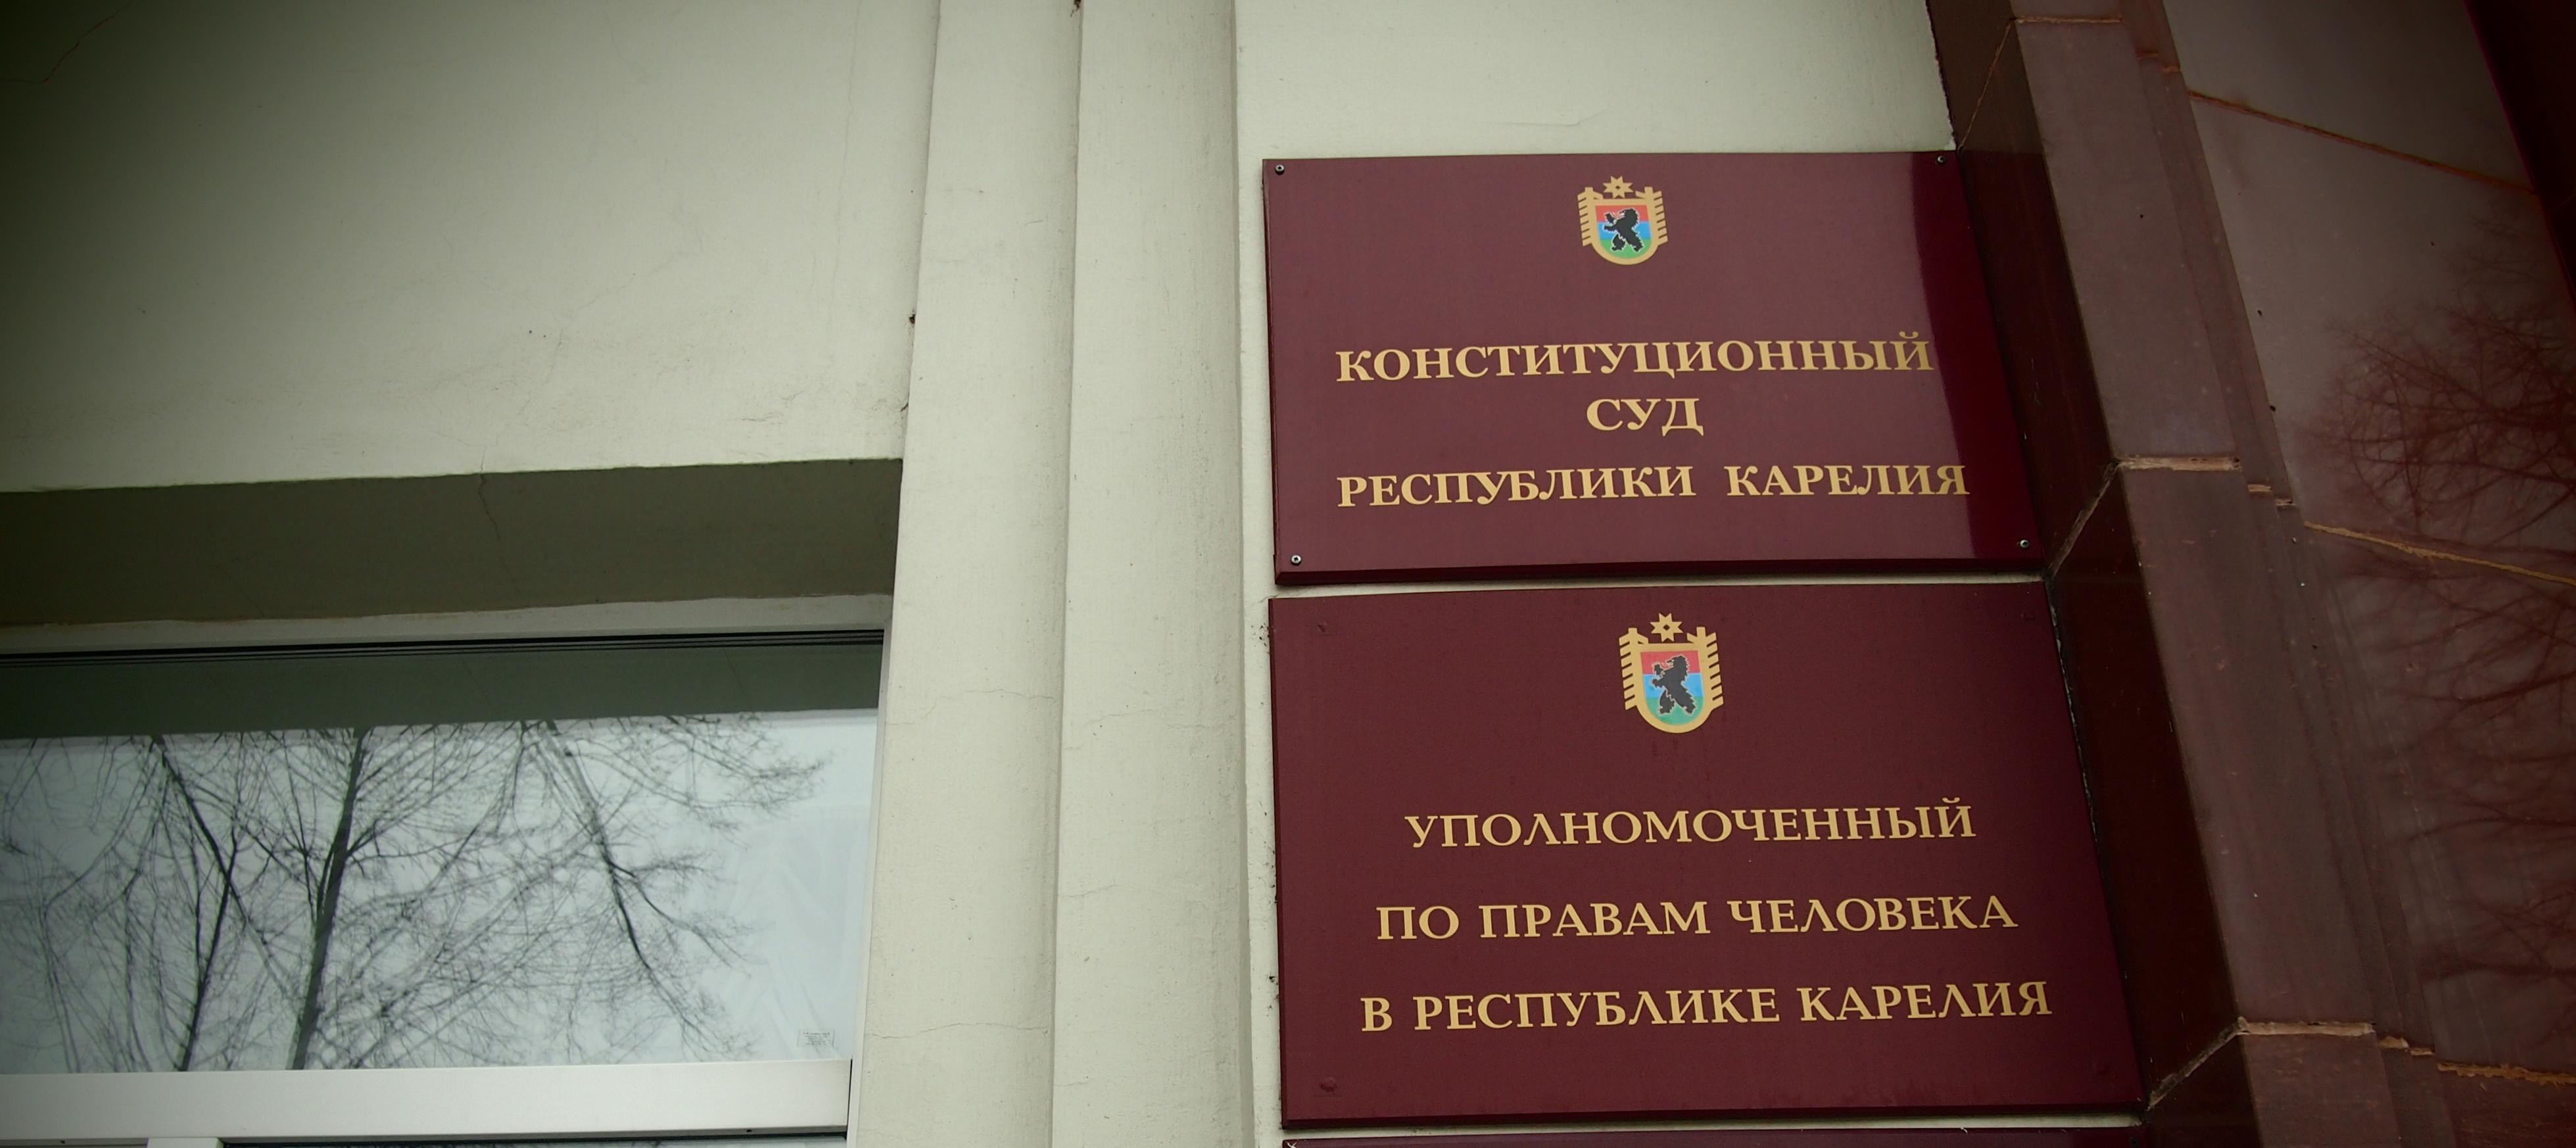 Конституционный суд Карелии. Фото: Валерий Поташов